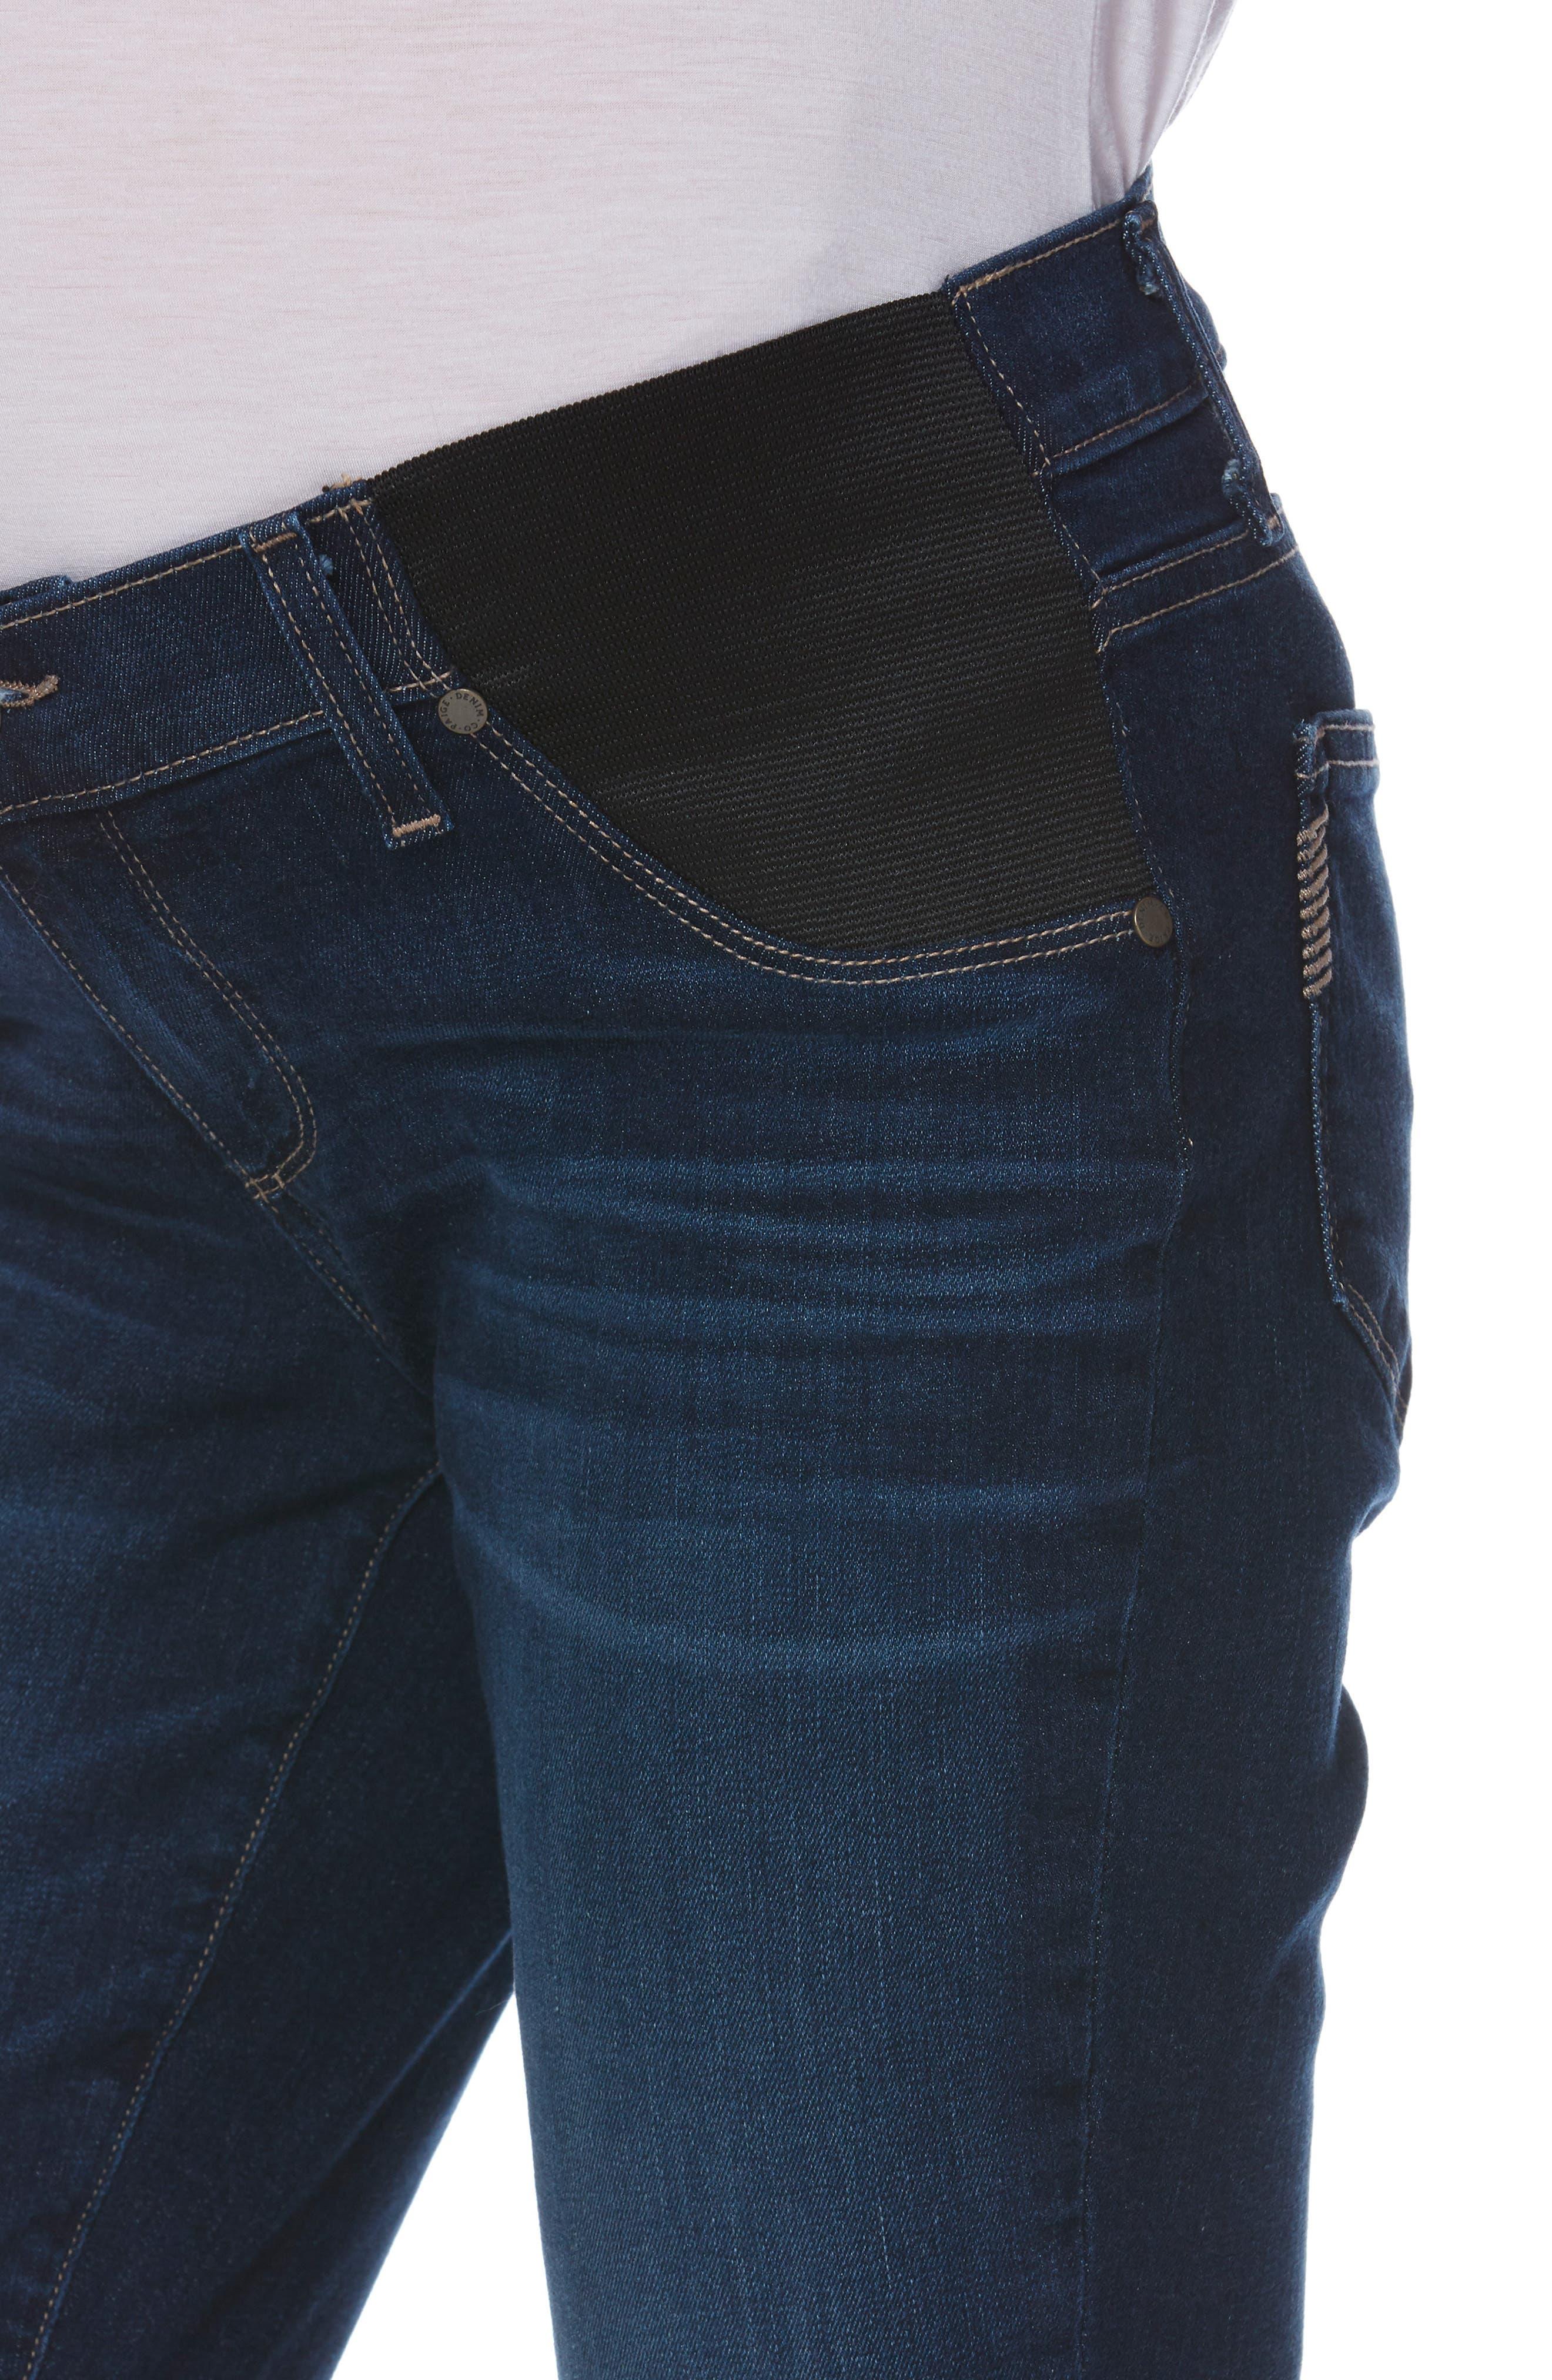 Transcend Vintage - Brigitte Crop Maternity Boyfriend Jeans,                             Alternate thumbnail 5, color,                             ENCHANT